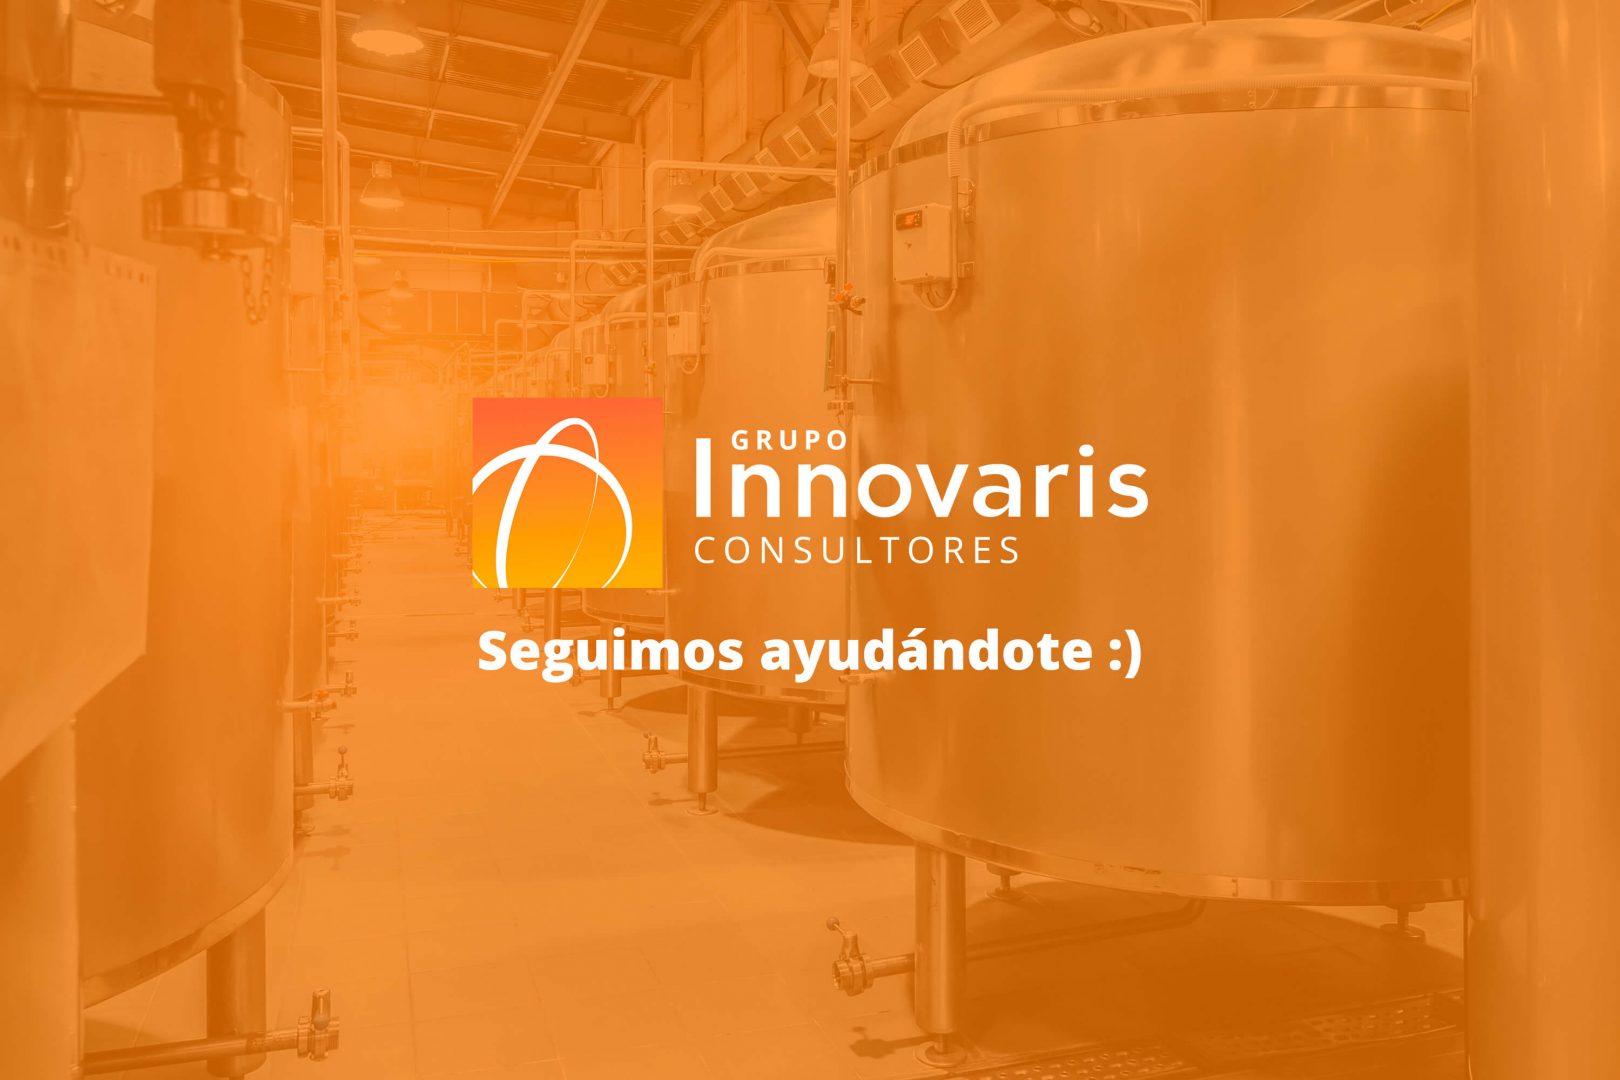 Subvención Industria Canarias Grupo Innovaris